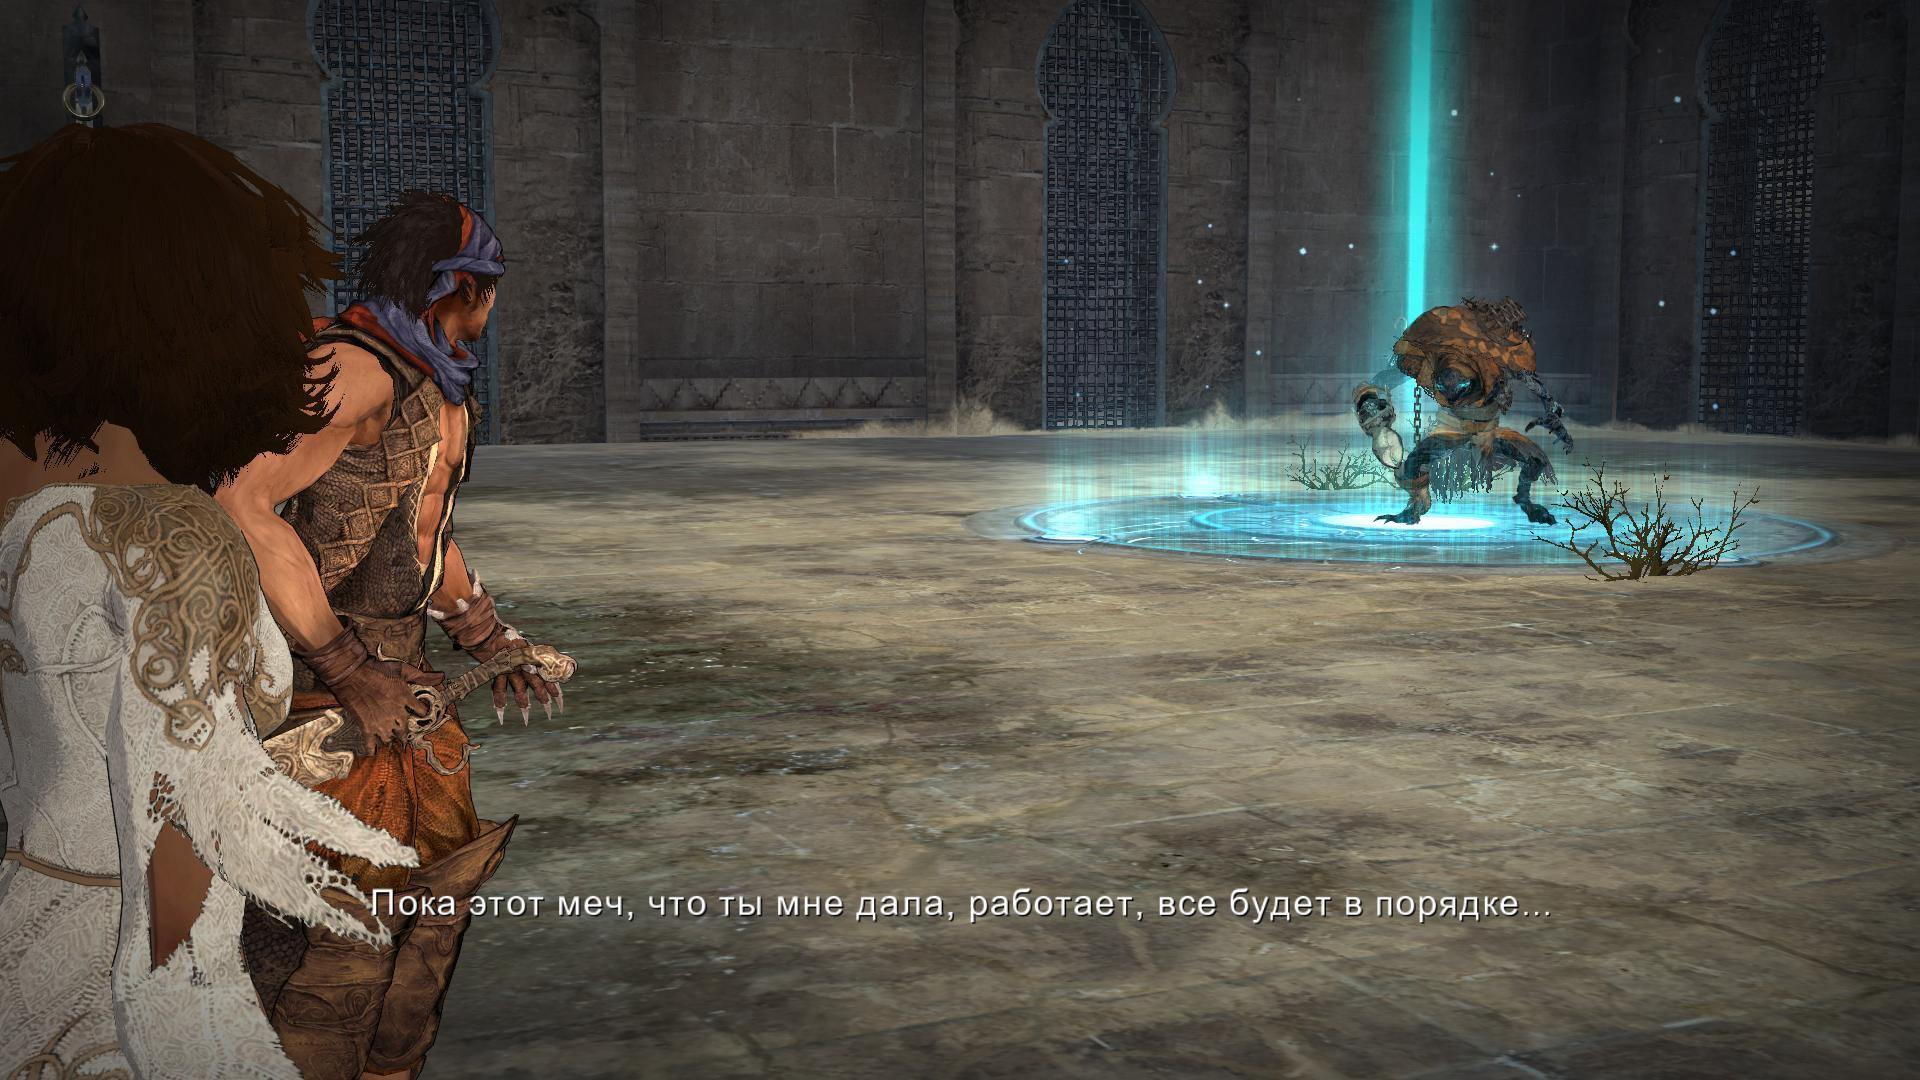 Ретро-прохождение Prince of Persia (2008) в скриншотах ... Часть 1 НАЧАЛО!  - Изображение 17